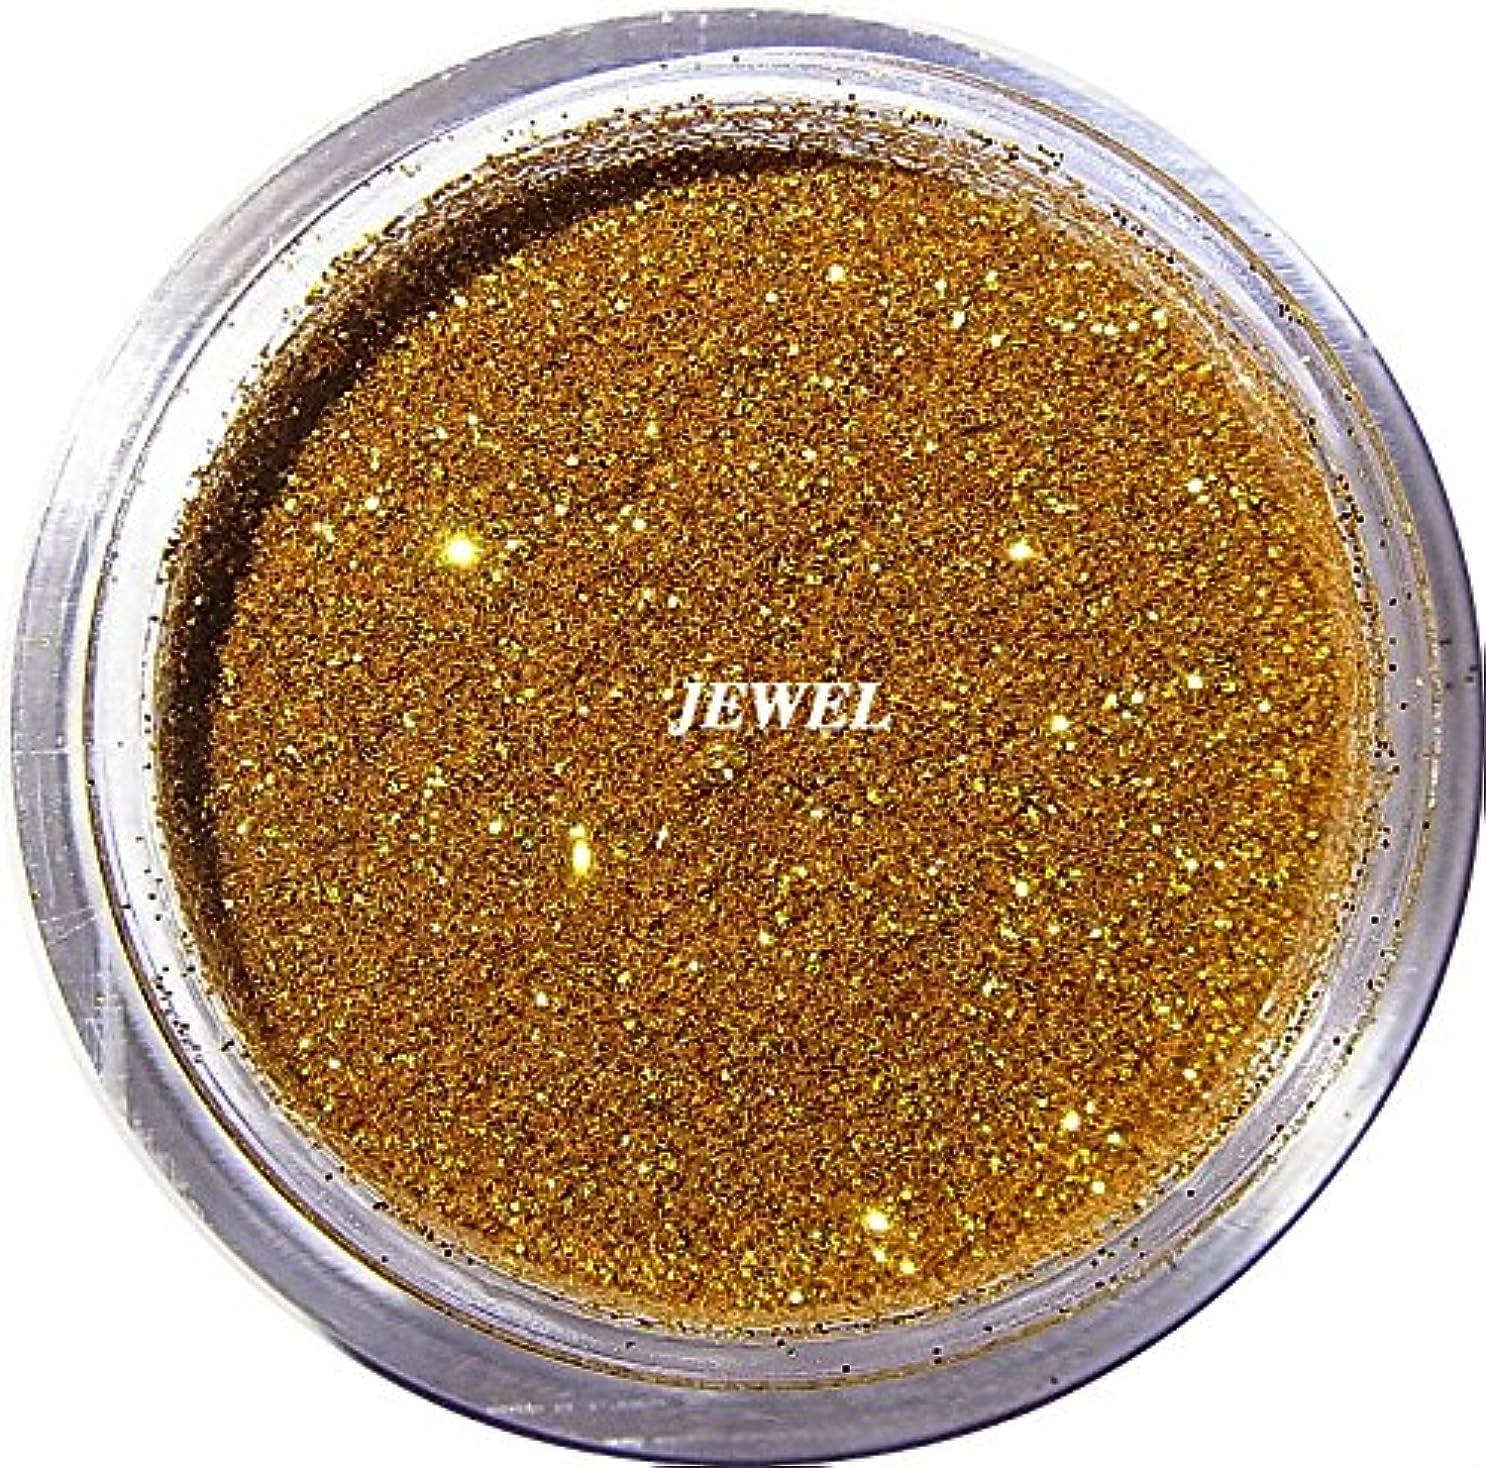 司教男やもめ幸福【jewel】 超微粒子ラメパウダー(金/ゴールド) 256/1サイズ 2g入り レジン&ネイル用 グリッター